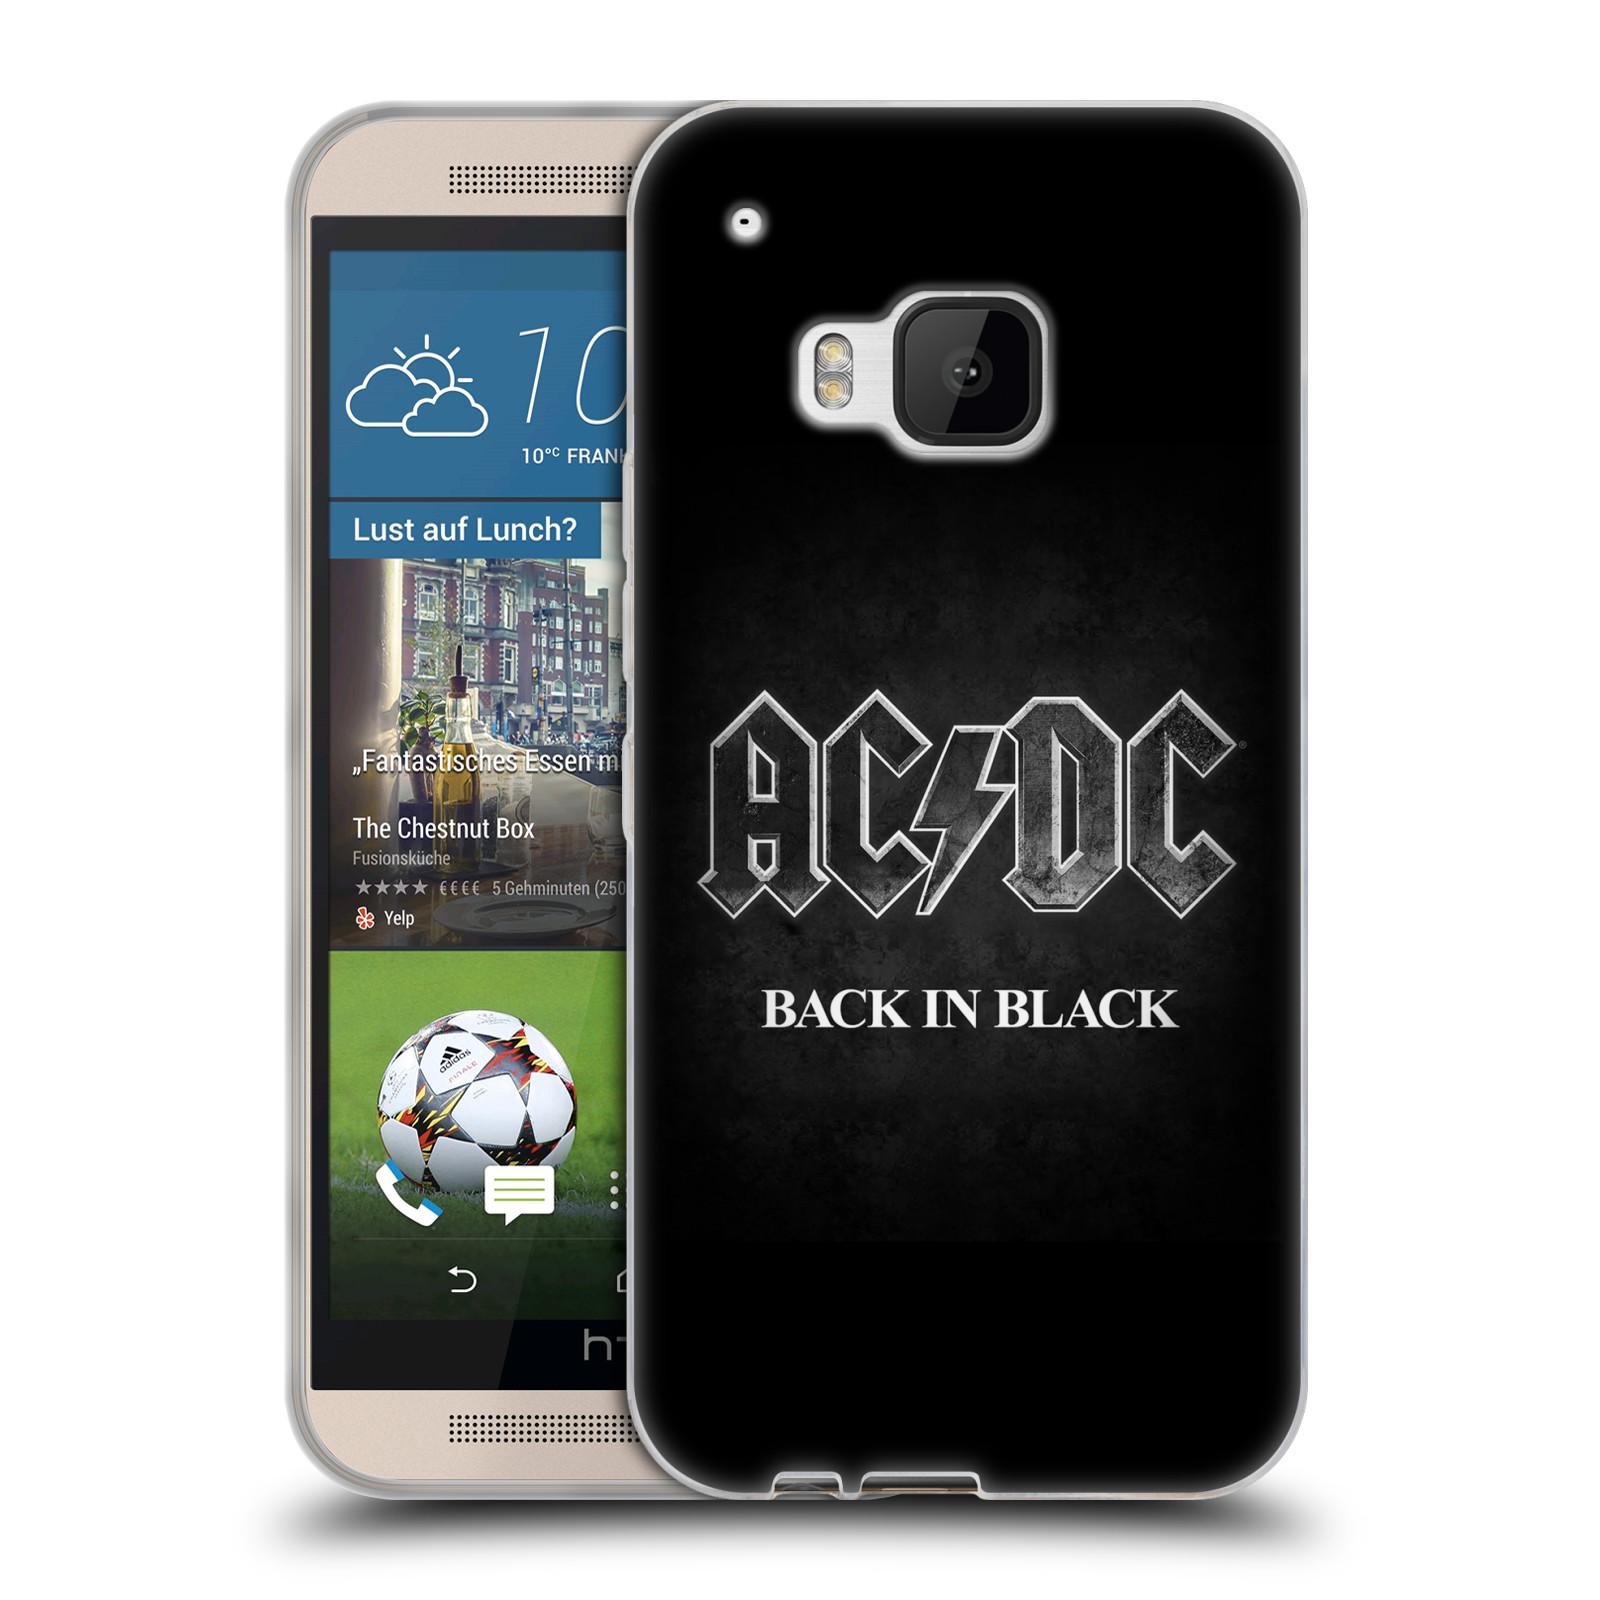 Silikonové pouzdro na mobil HTC ONE M9 HEAD CASE AC/DC BACK IN BLACK (Silikonový kryt či obal na mobilní telefon s oficiálním motivem australské skupiny AC/DC pro HTC ONE M9)